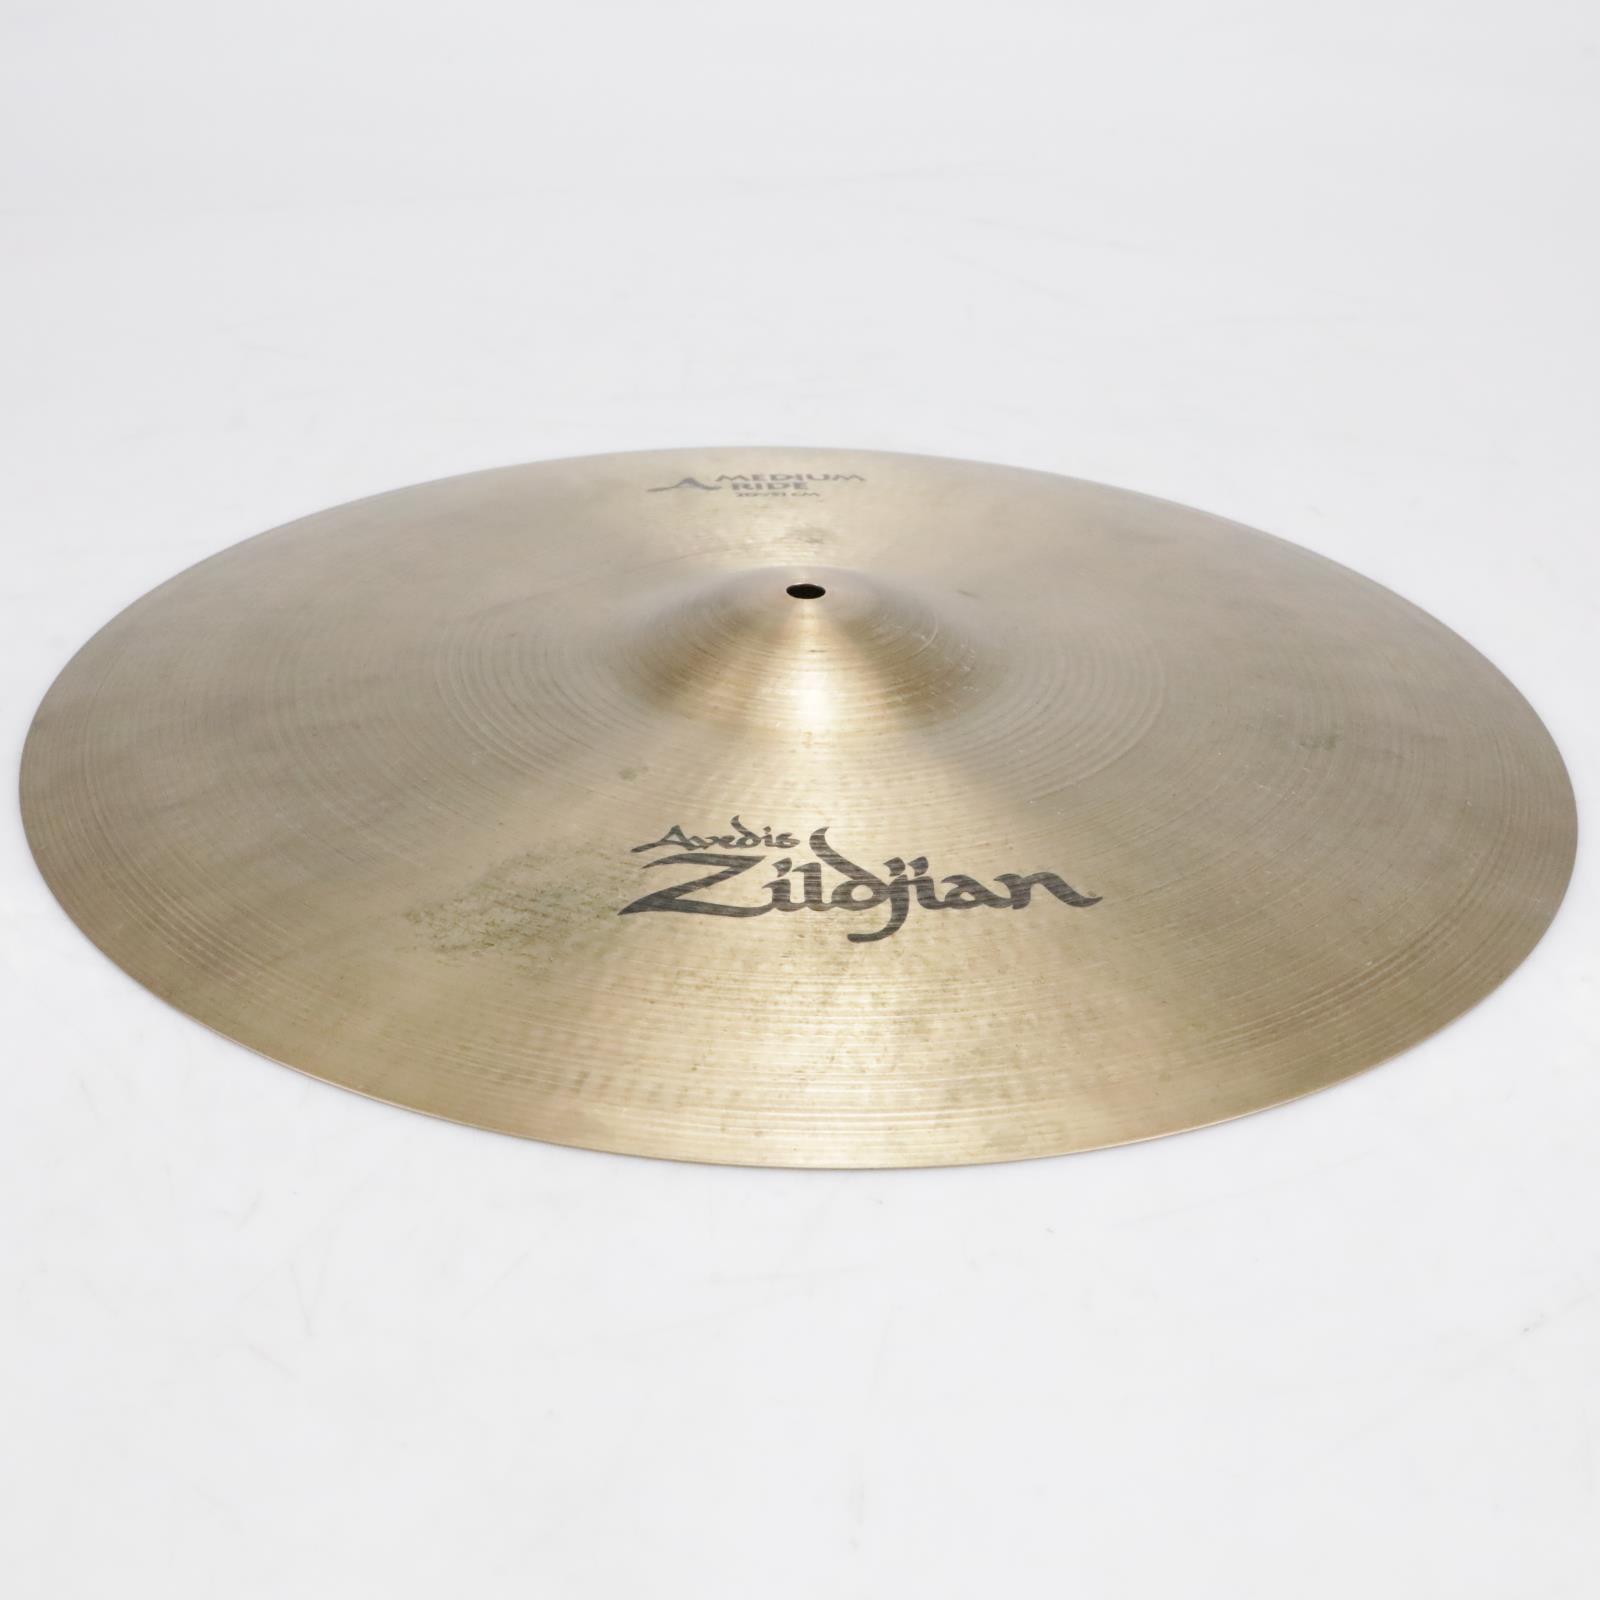 """Zildjian A Series 20""""/51cm Medium Ride Cymbal Video! #41291"""